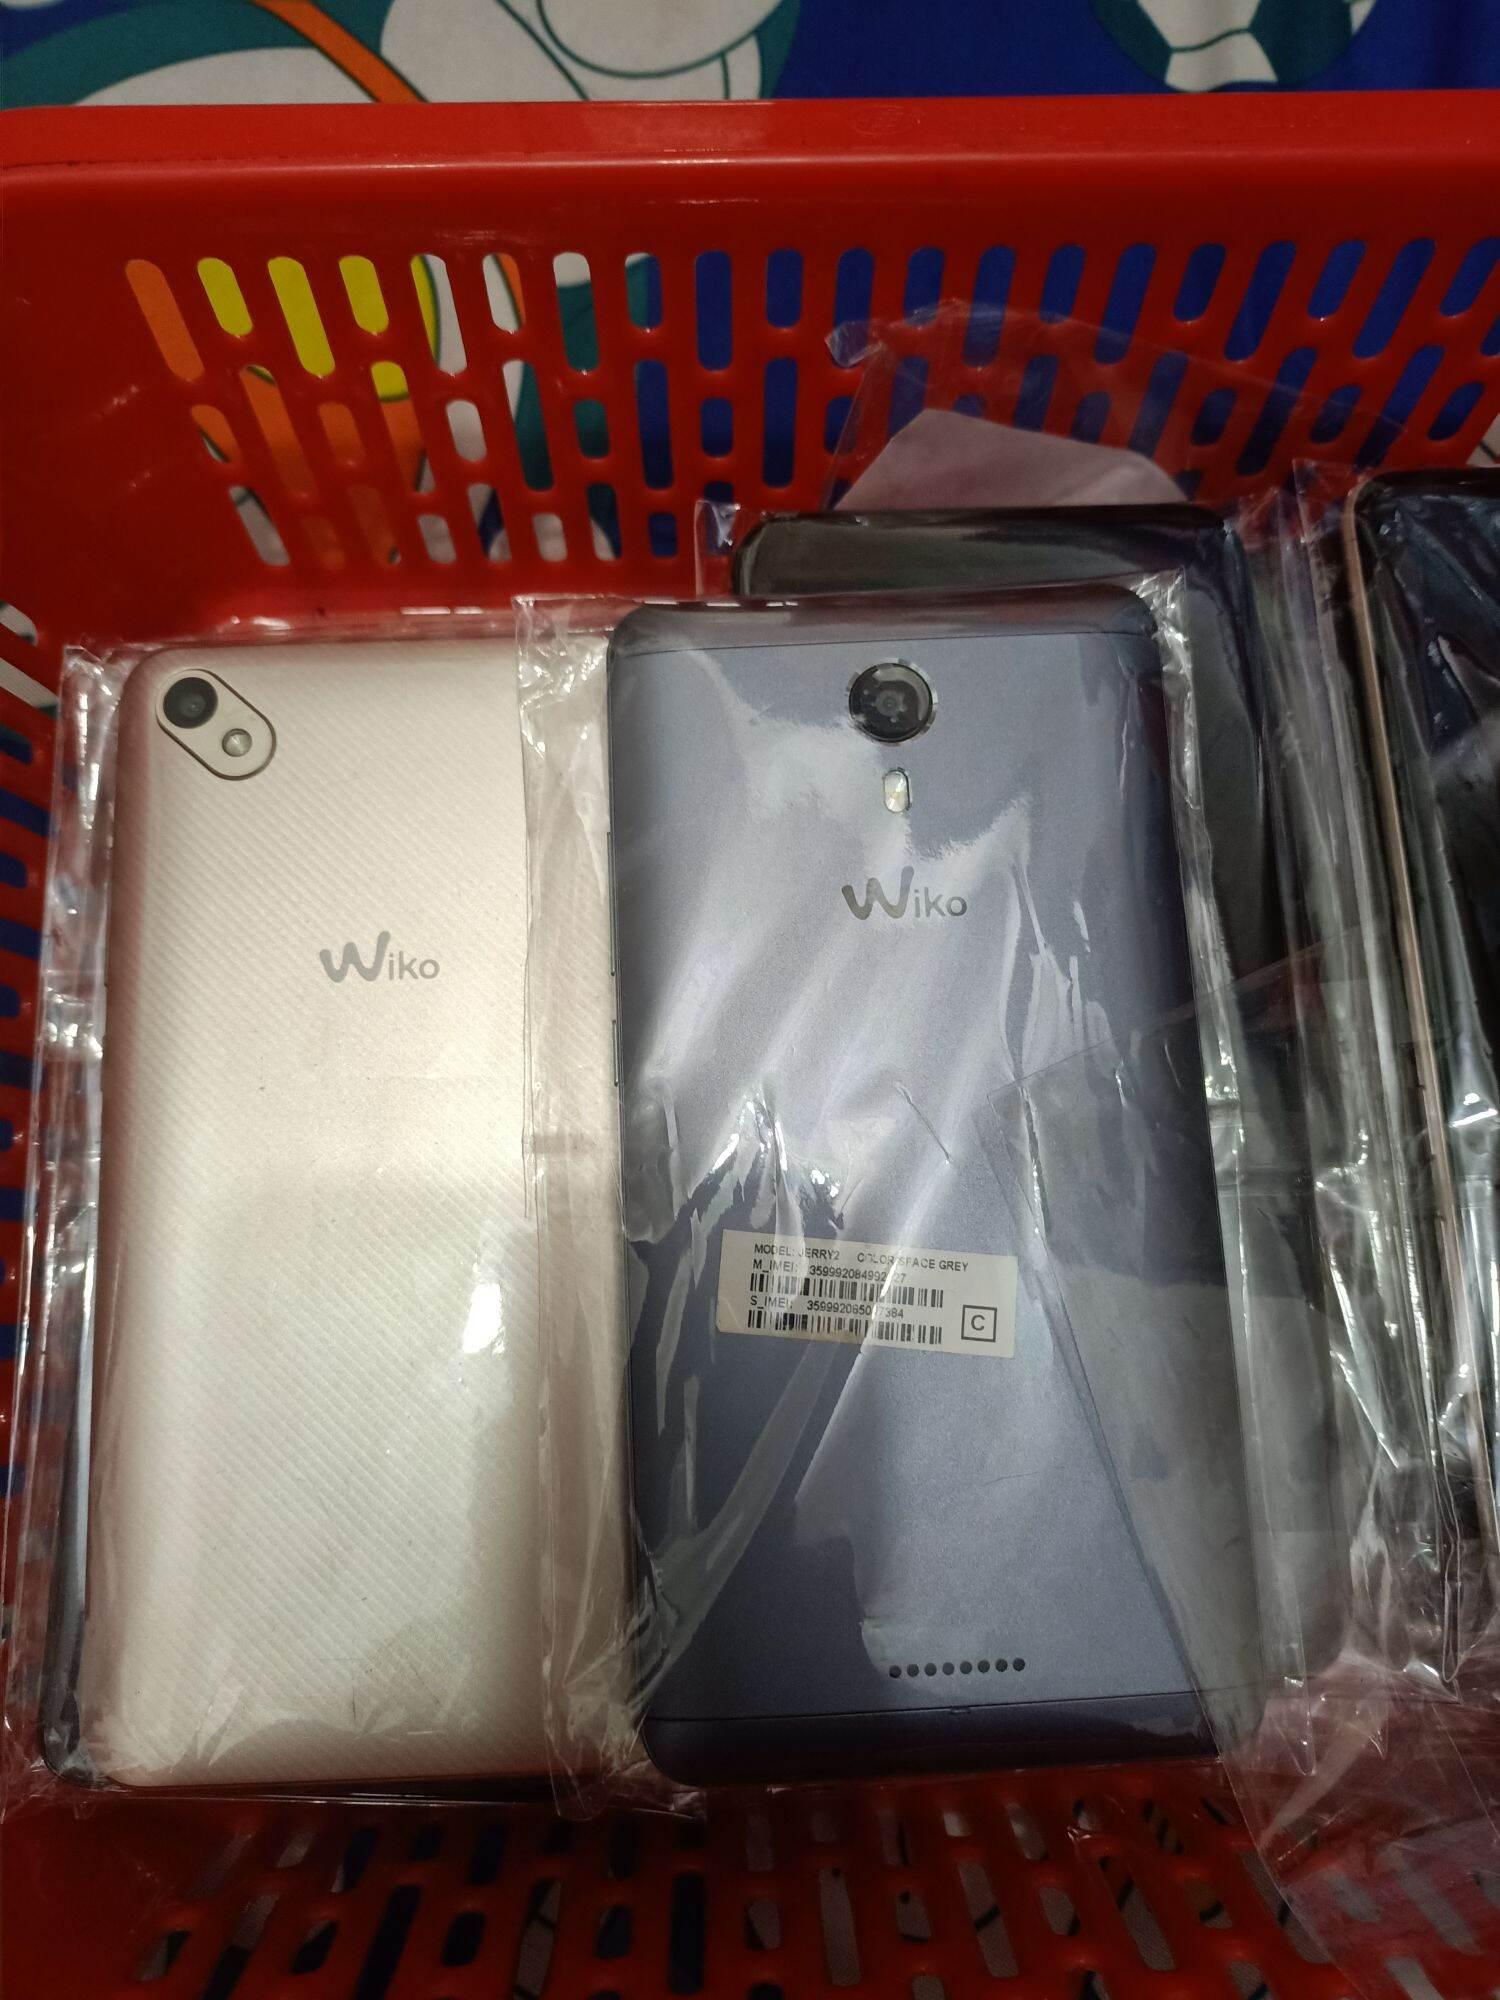 Wiko zalo - yutobe - facebook  chạy ầm ầm , giá sỉ 5xx sl từ 10, sl 20 giá khác luôn nha anh em.